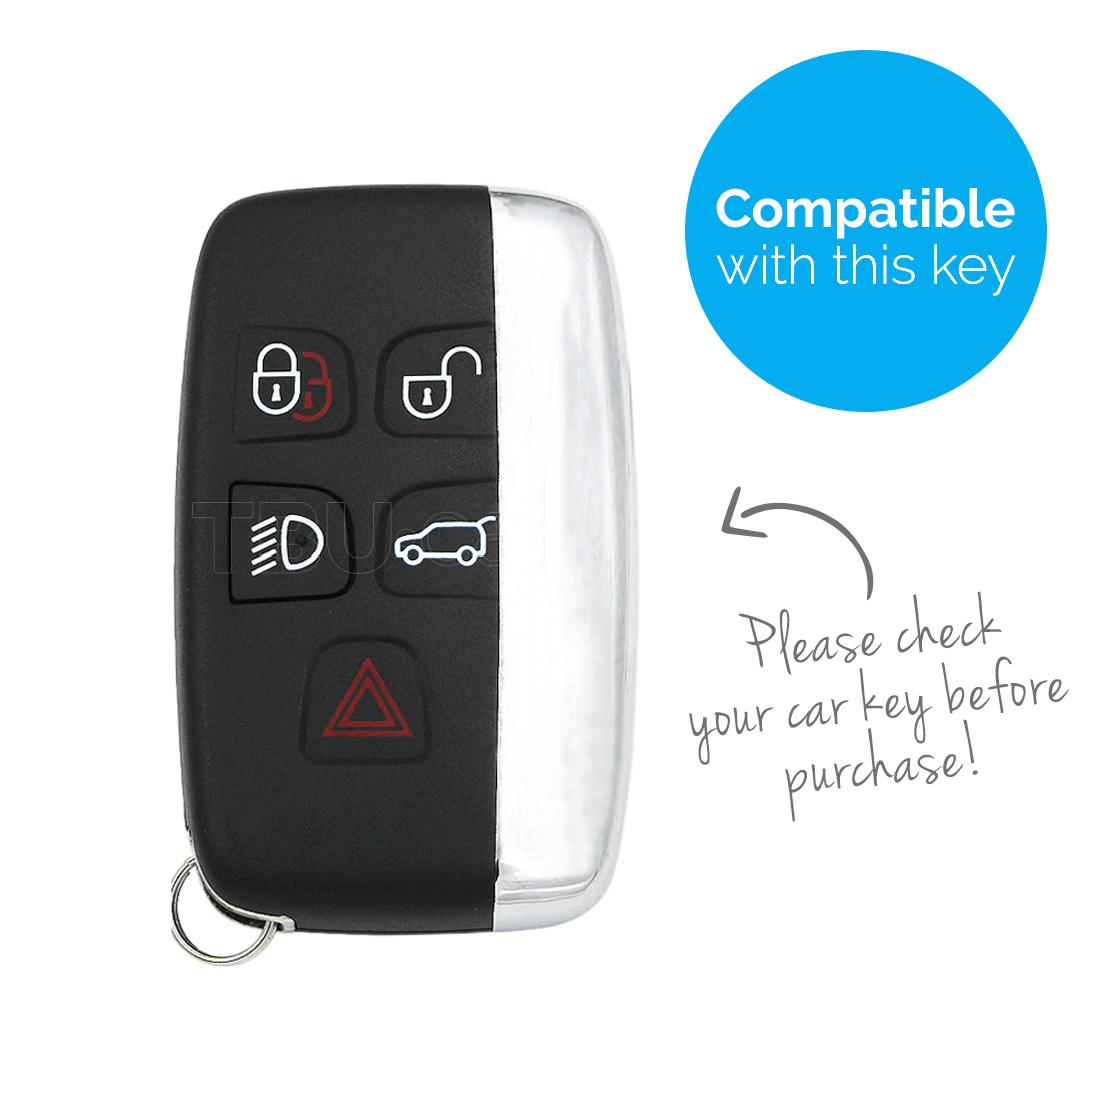 TBU car TBU car Sleutel cover compatibel met Range Rover - Silicone sleutelhoesje - beschermhoesje autosleutel - Lime groen